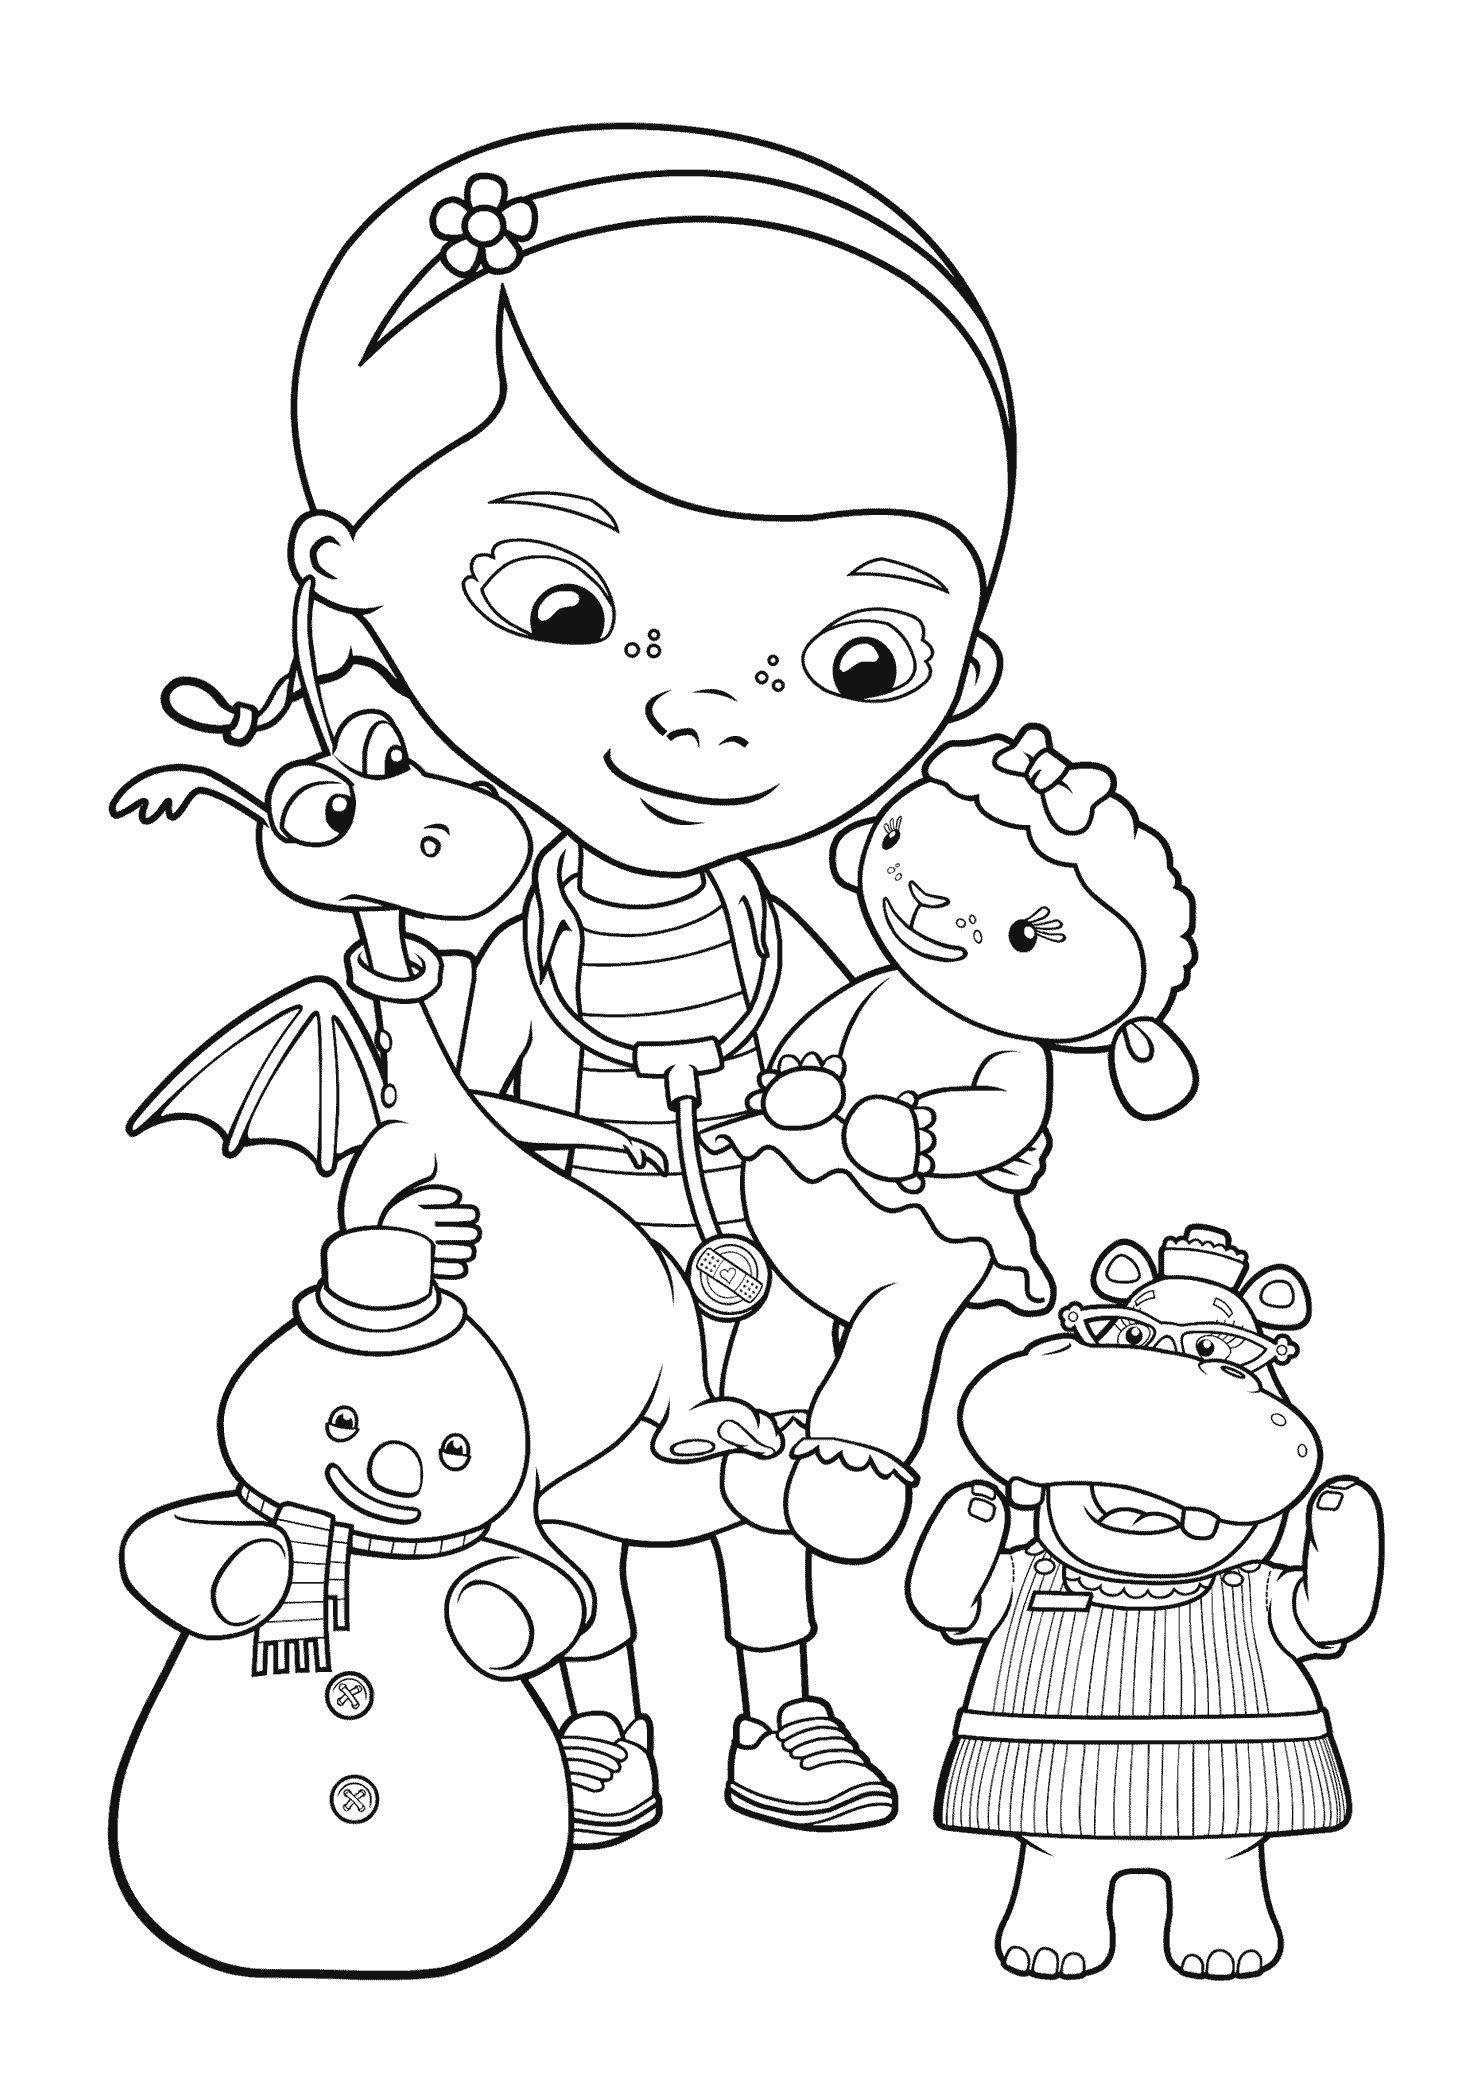 Disney Coloring Pages Doc Mcstuffins   Coloring Pages   Doc   Doc Mcstuffins Printable Worksheets